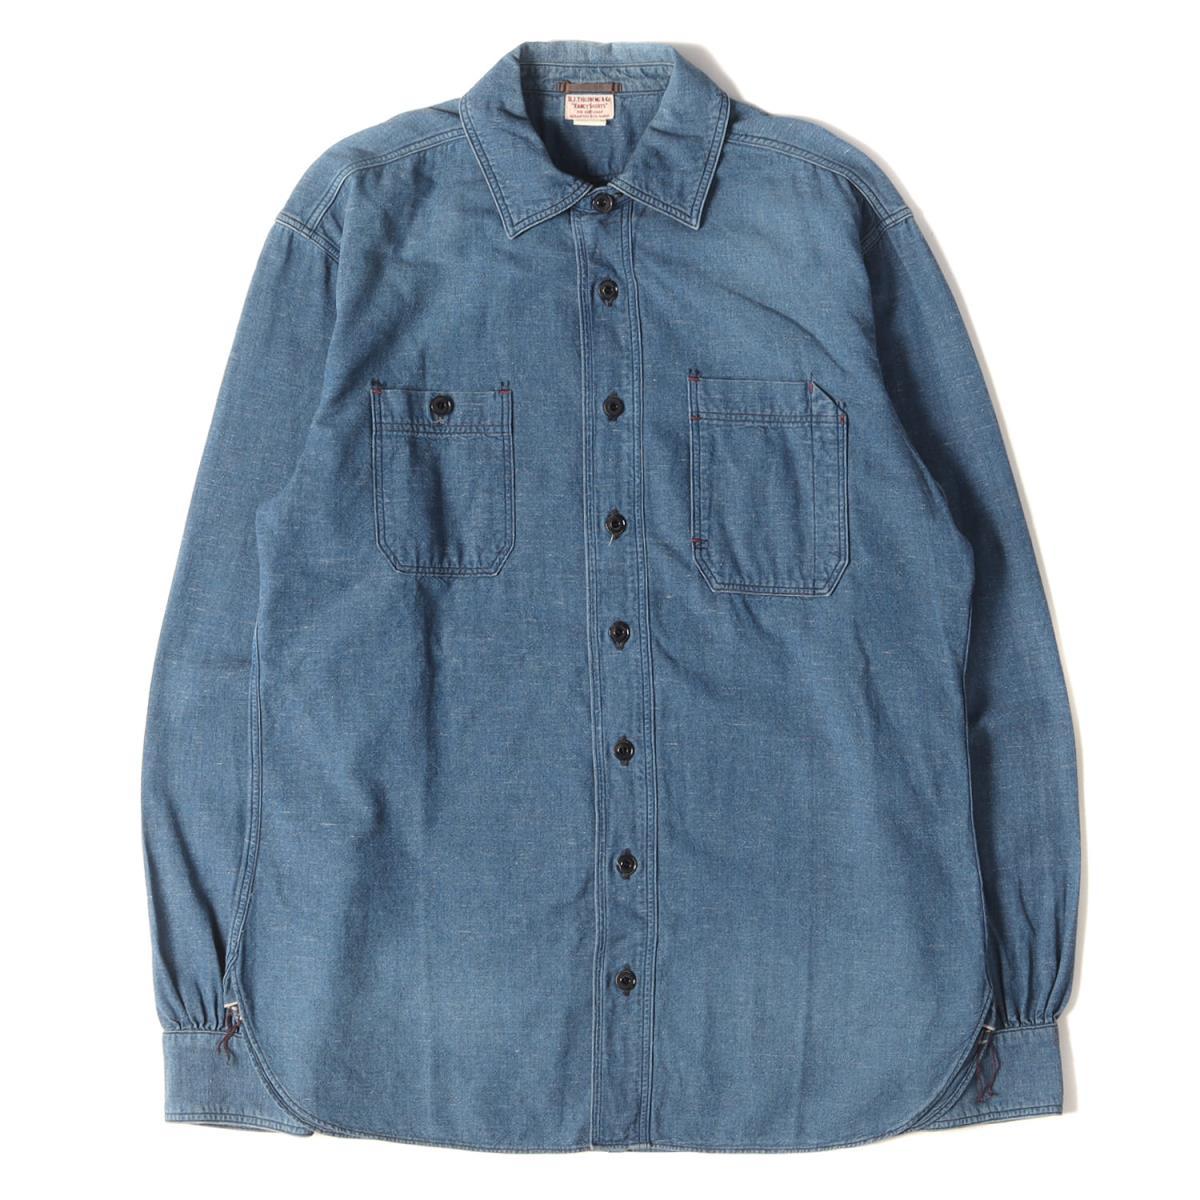 トップス, カジュアルシャツ Old Joe M K3150